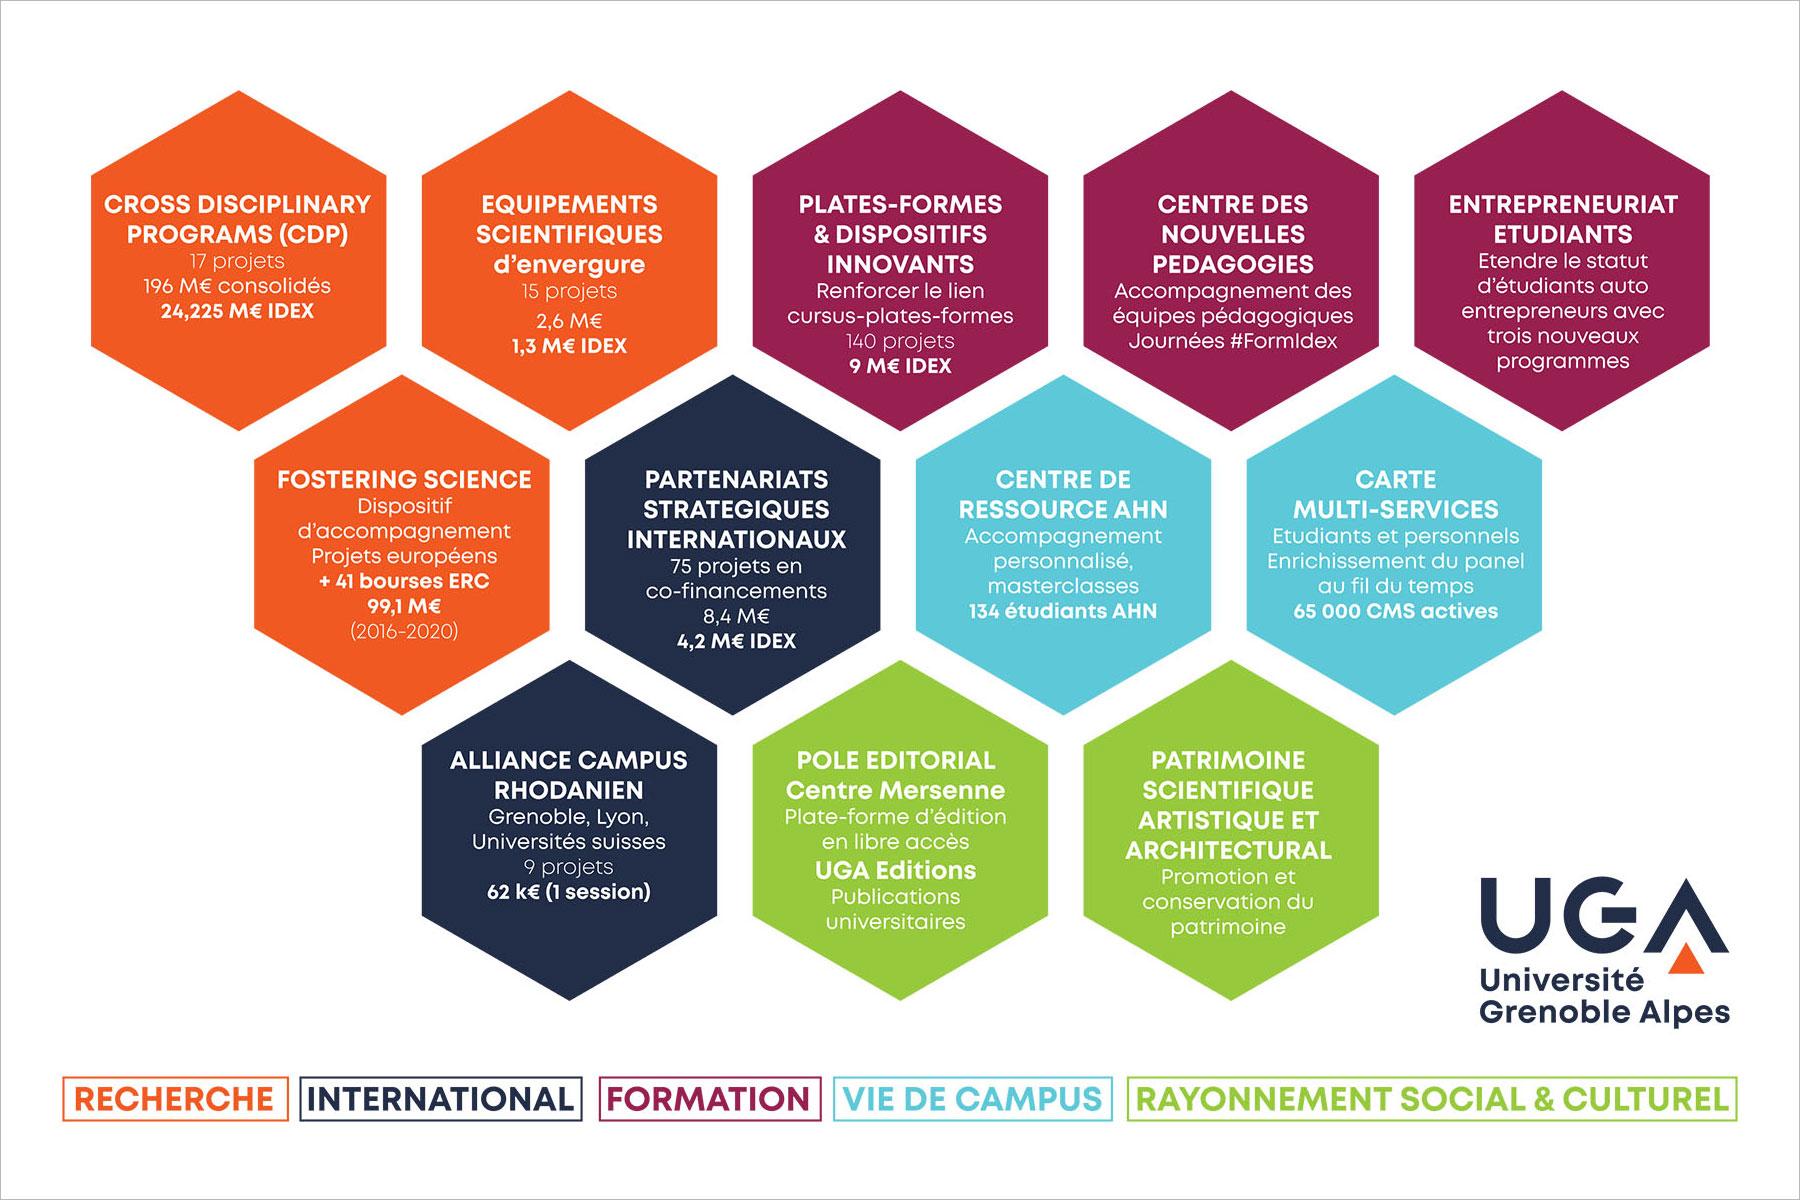 """Les initiatives structurantes de l'Idex """"Université Grenoble Alpes"""""""